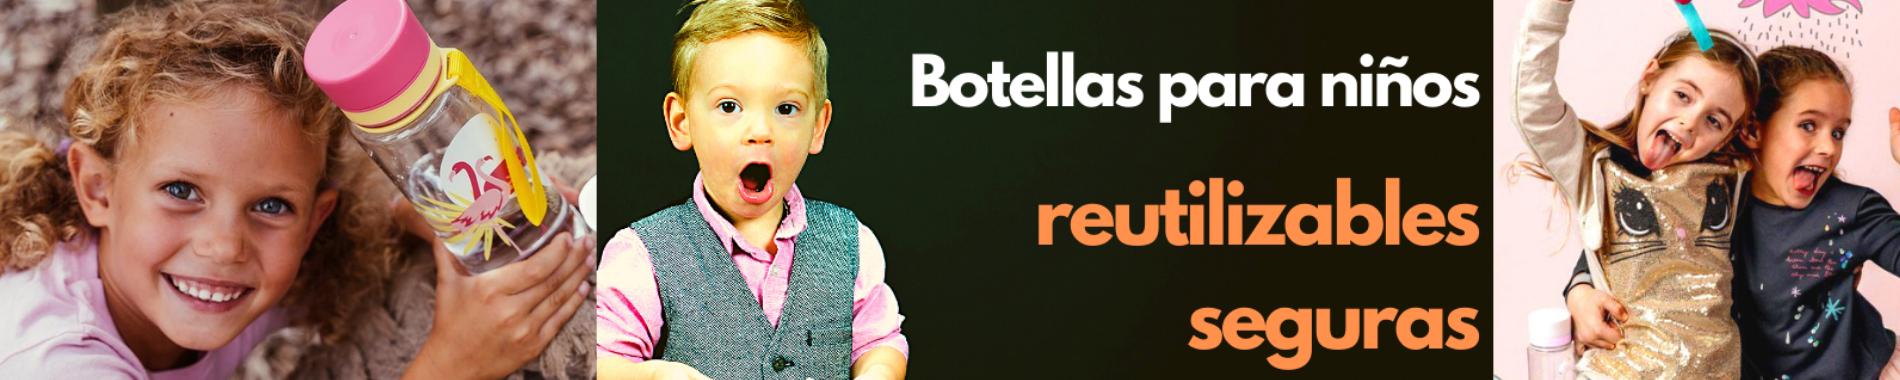 Botellas de agua para niños. Guía de compra 2021 - 1